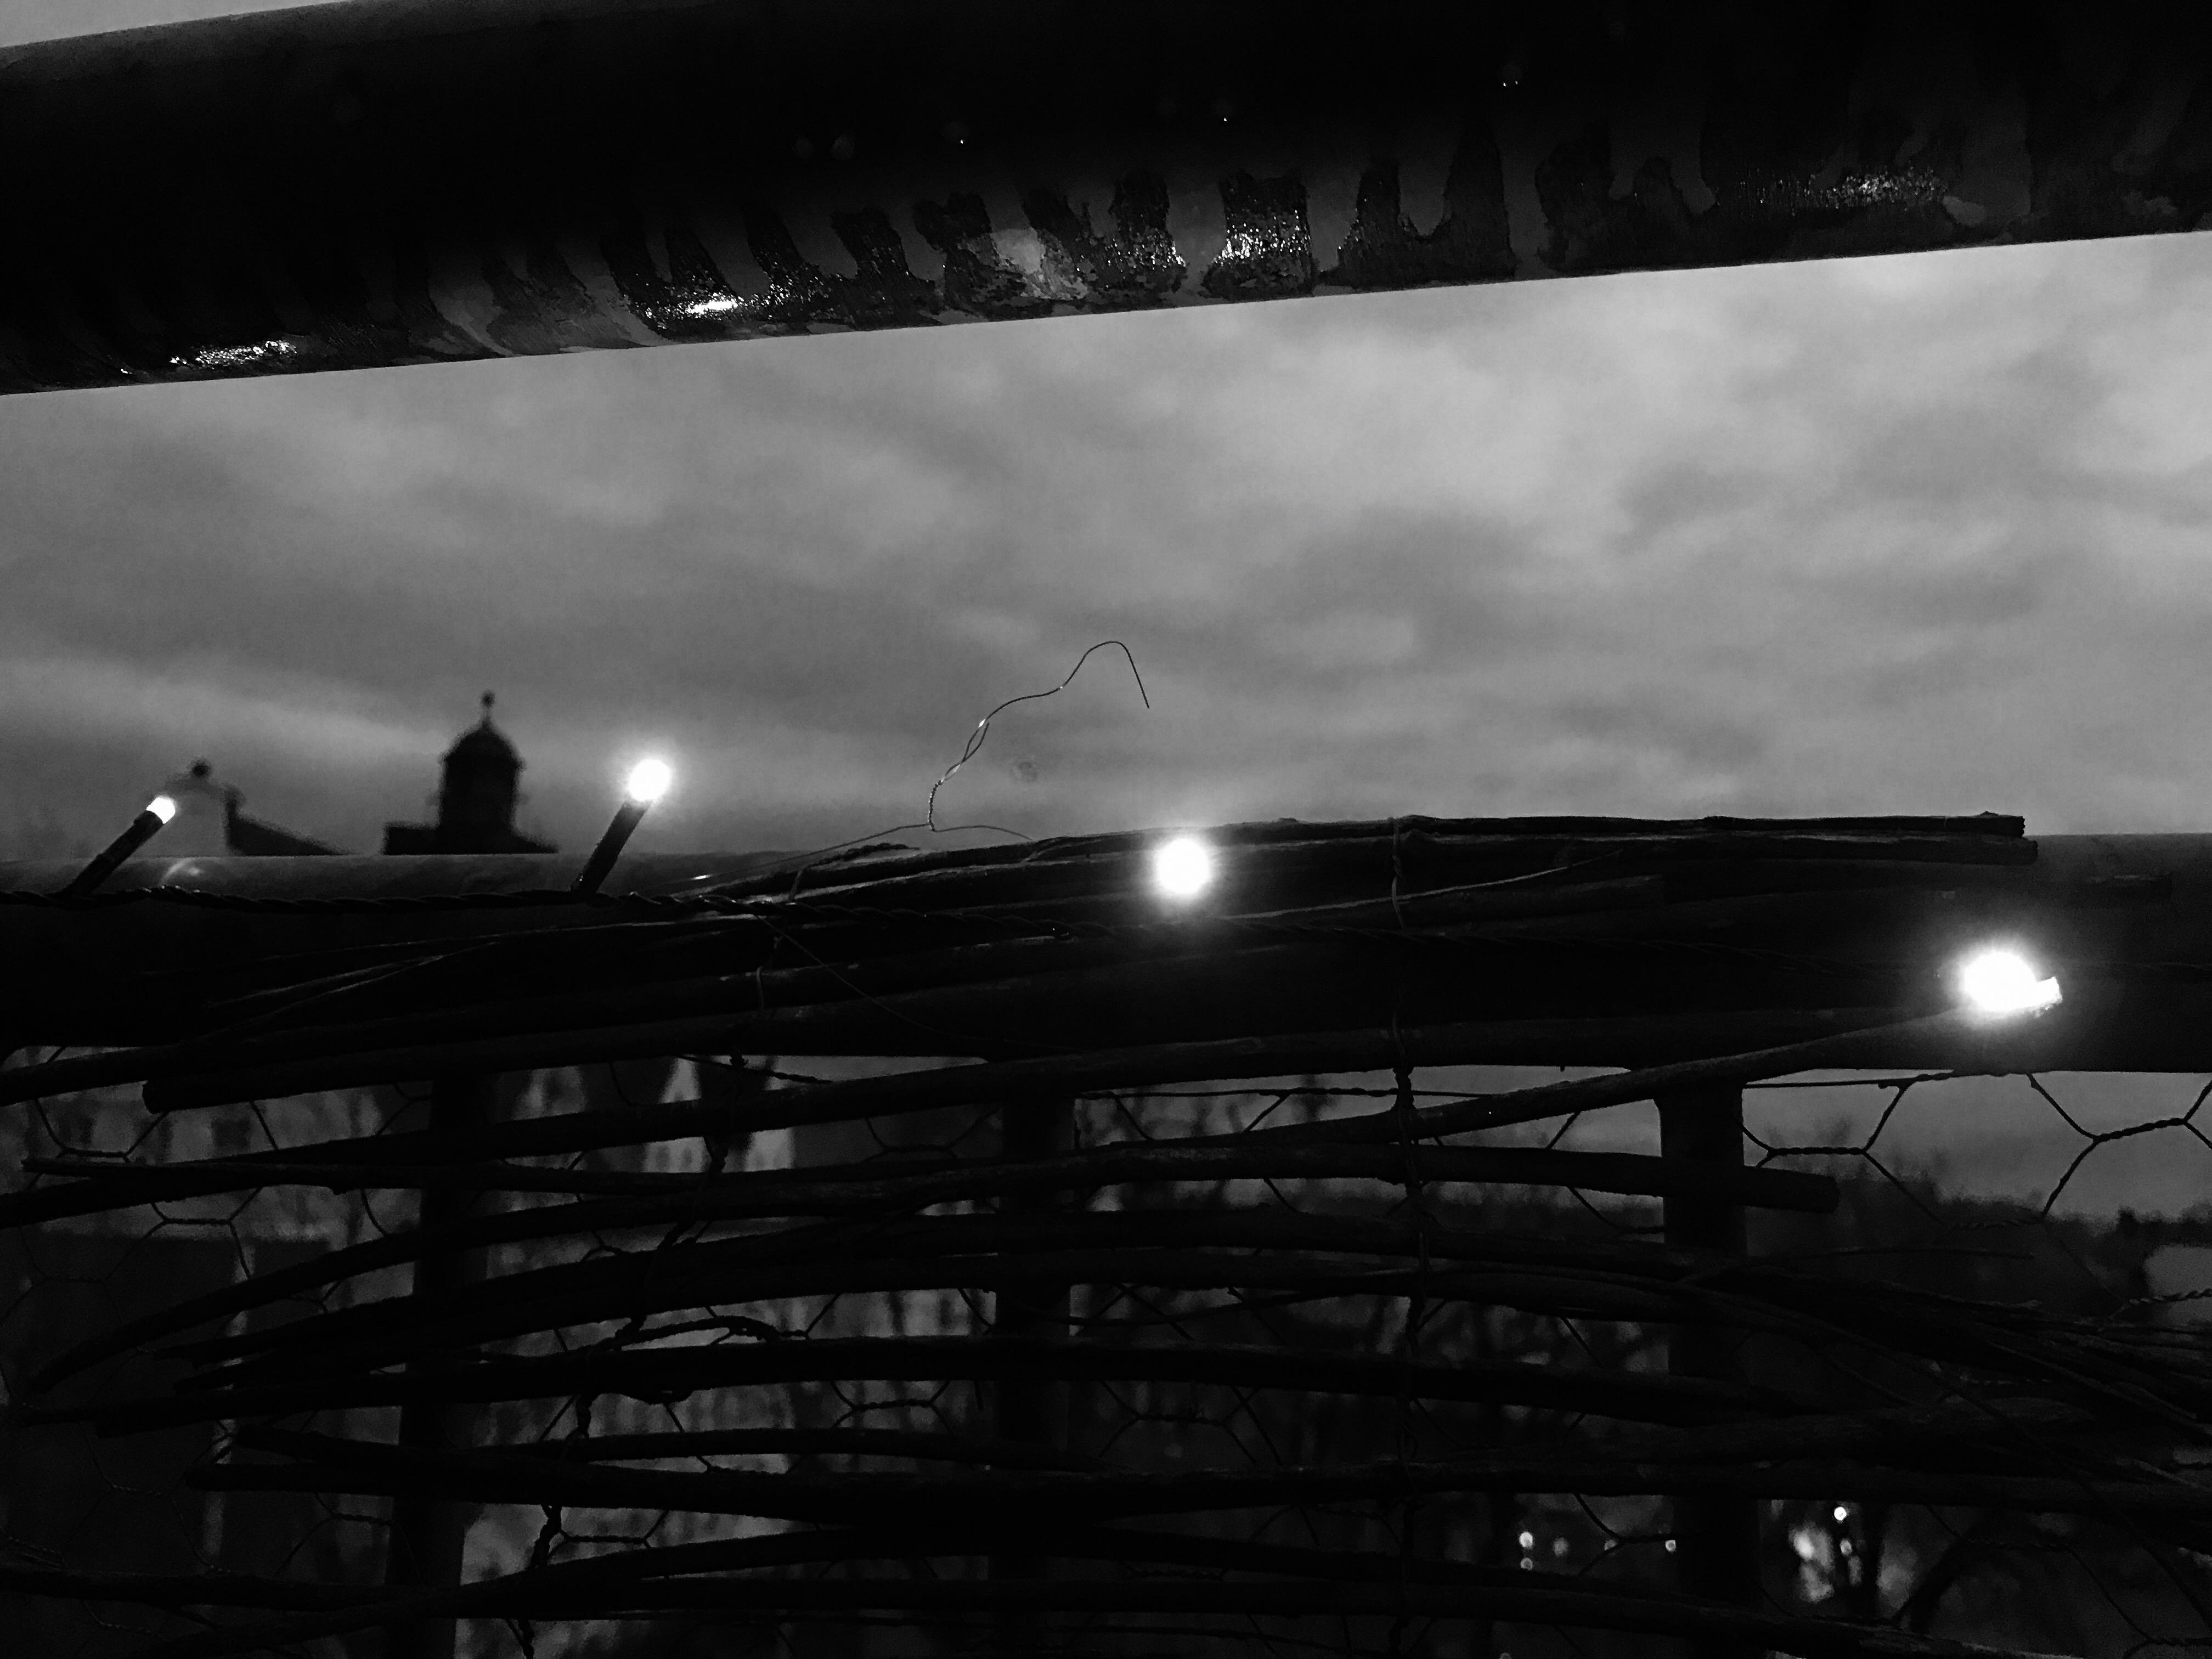 Balkonlichter